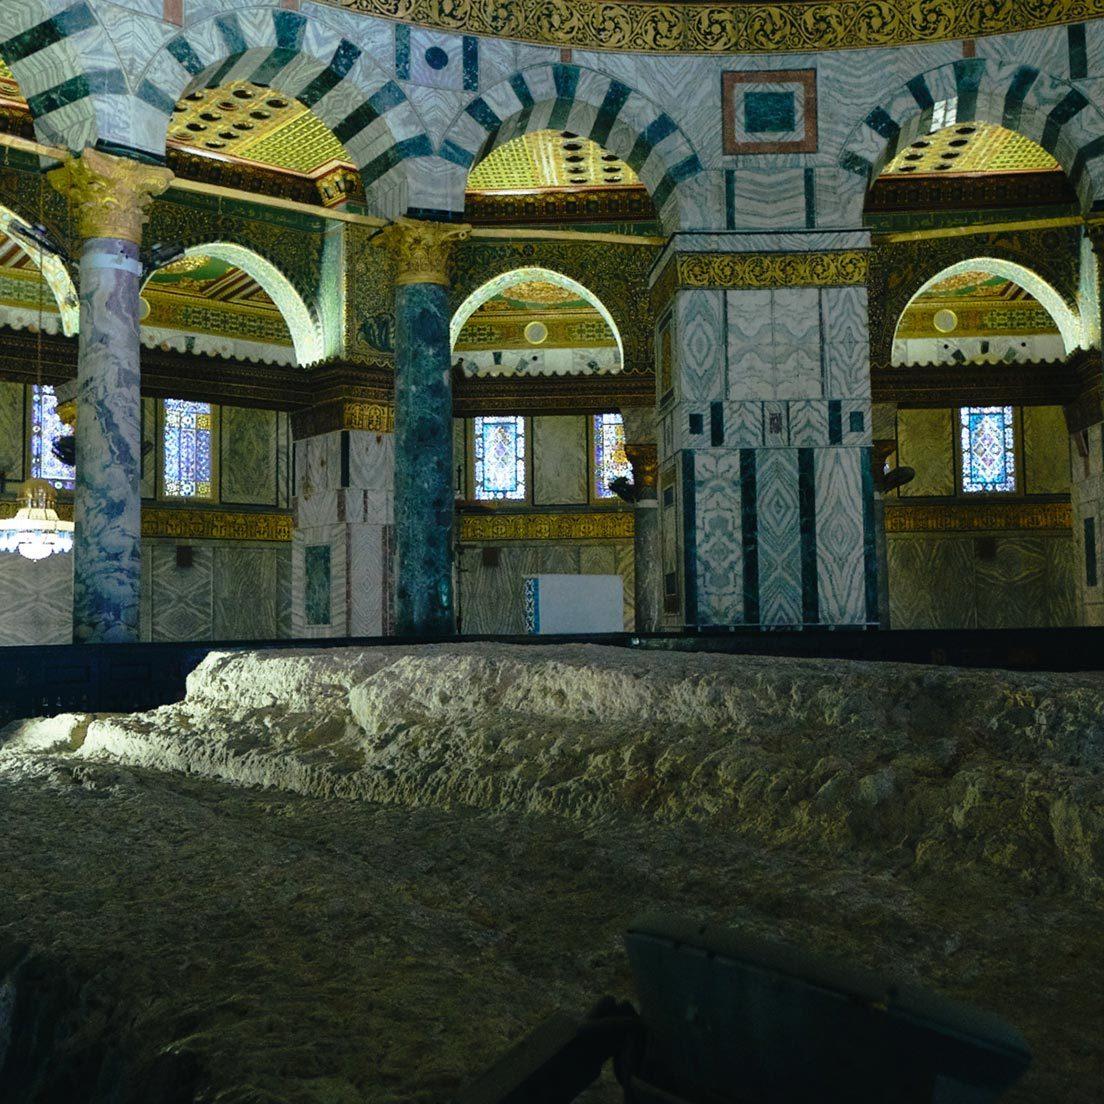 ユダヤ民族の父祖アブラハムが自らの子を唯一神ヤハウェの生贄として捧げようとした際に使われた岩。そしてムハンマドがここから昇天した。